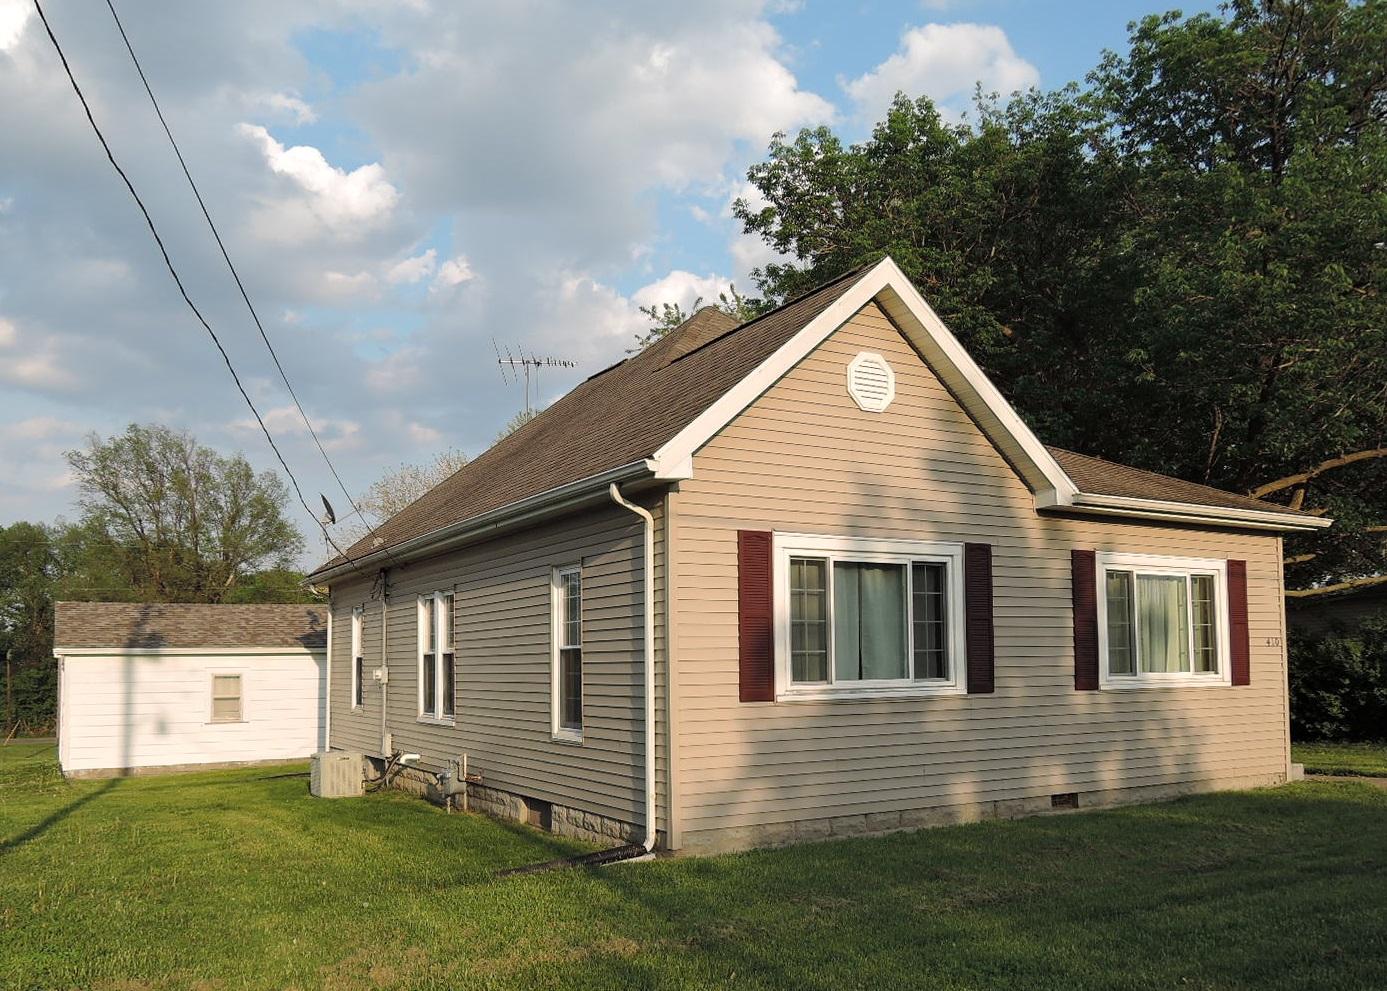 410 N Main St, Benld, Illinois 62009